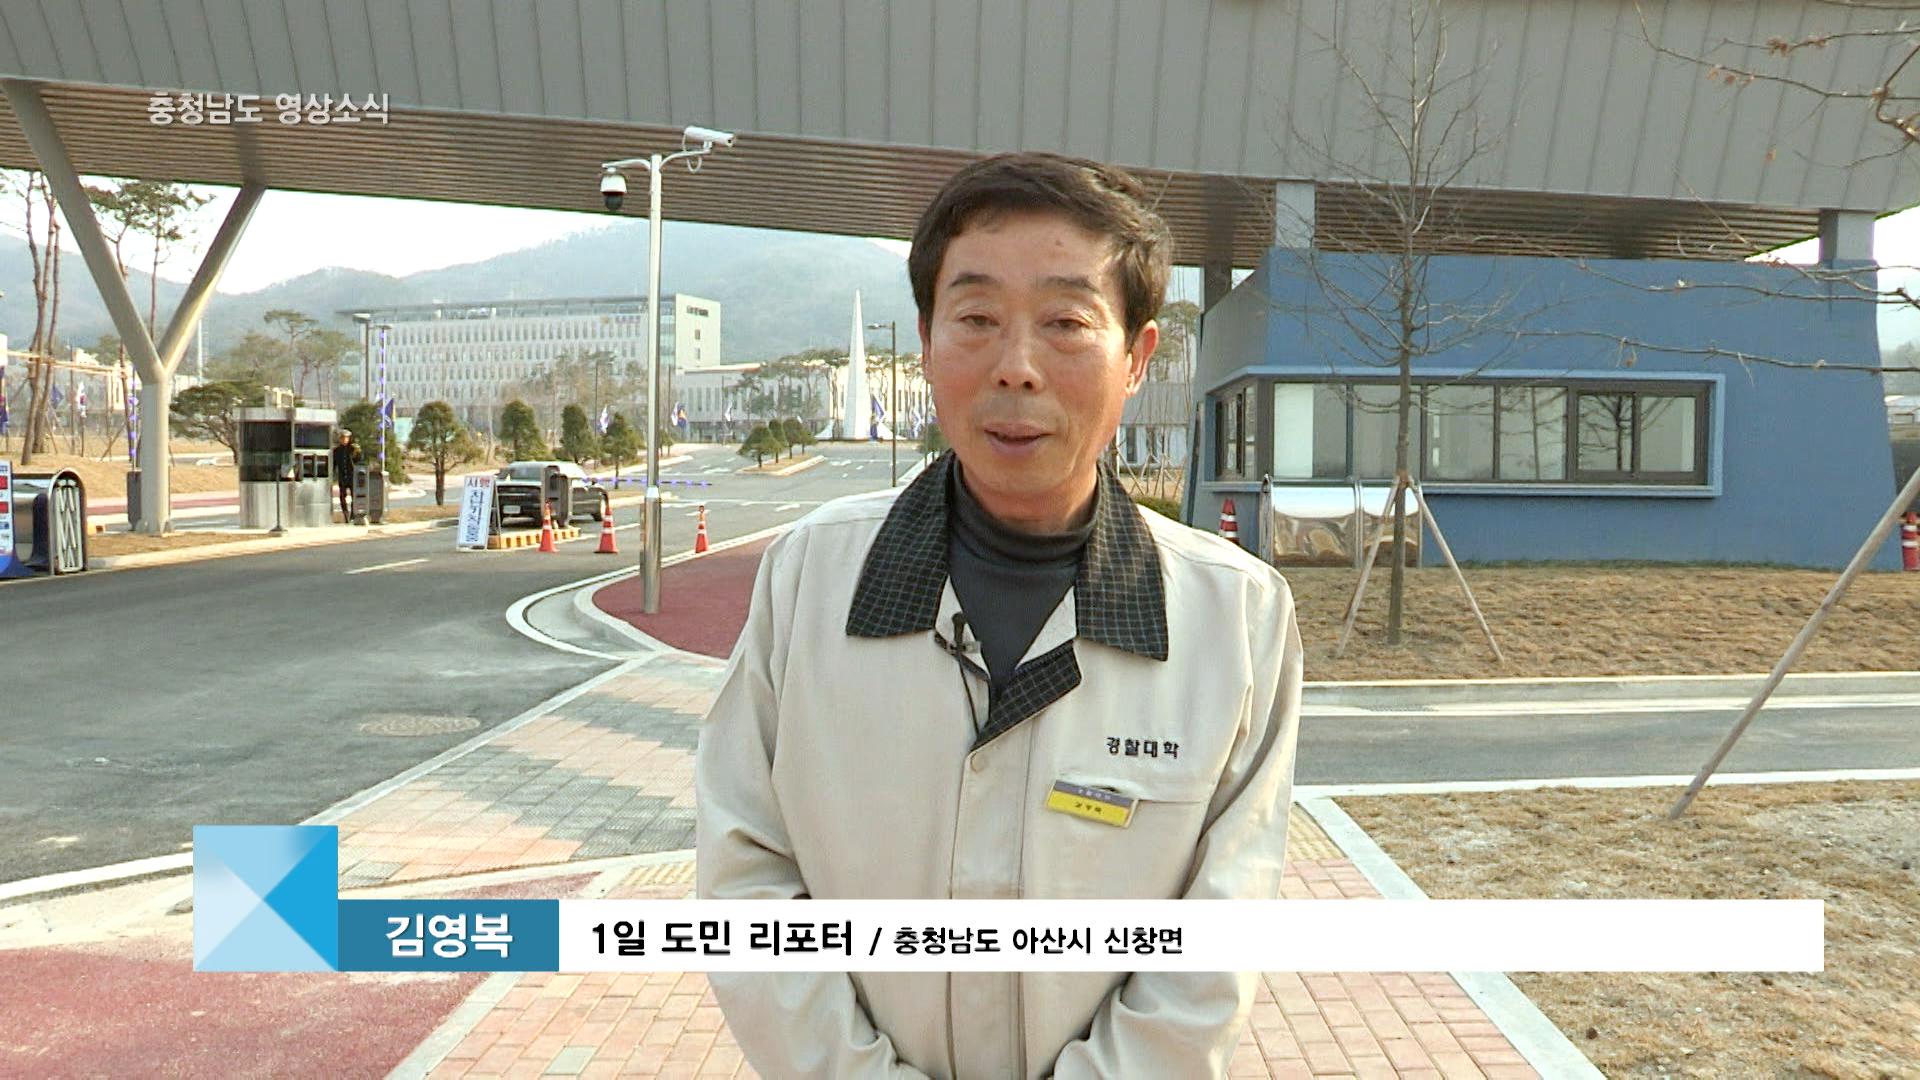 [종합]충청남도 영상소식 12회